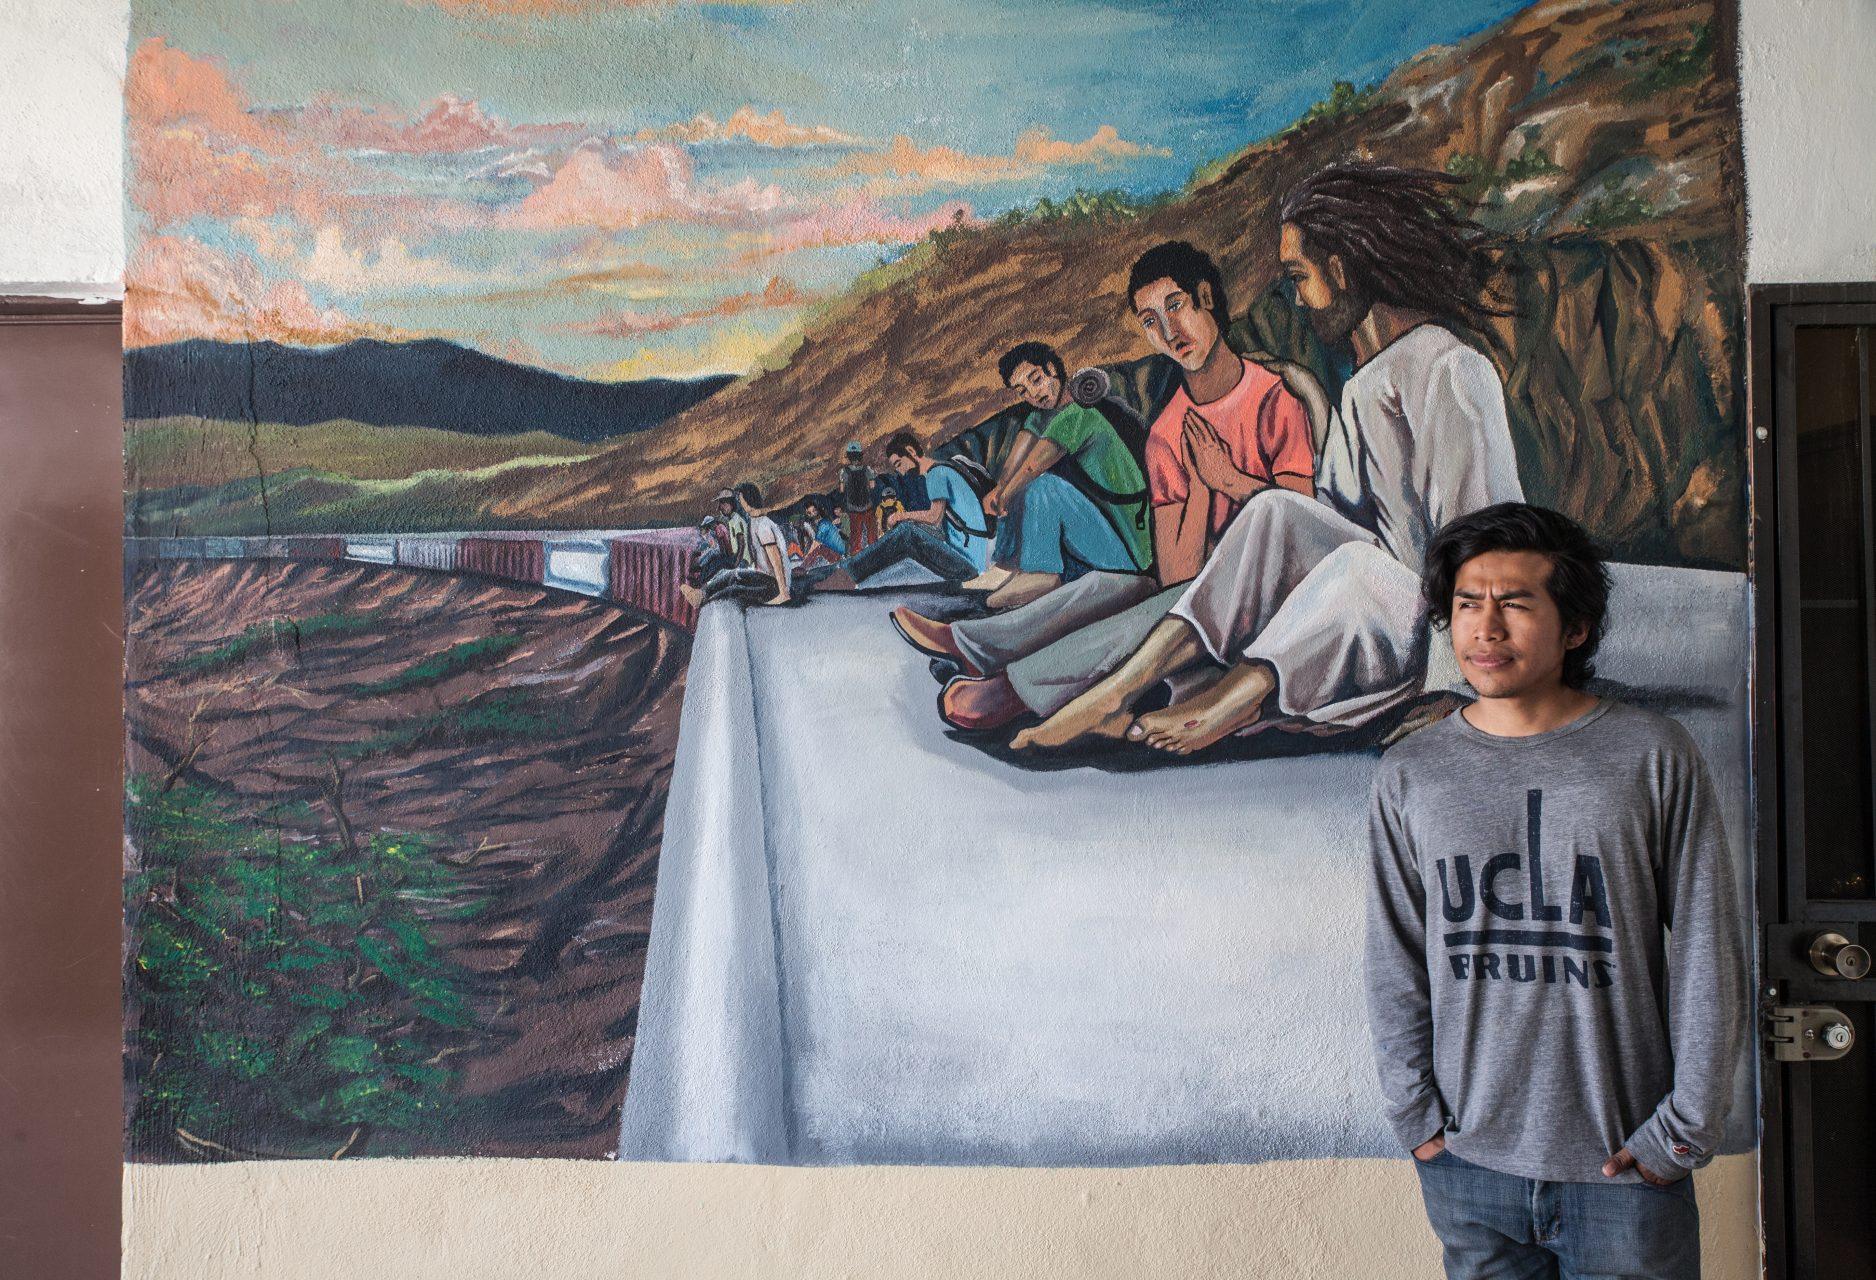 Wenseslao Hernández Hernández denkt nicht gern an seine Reise